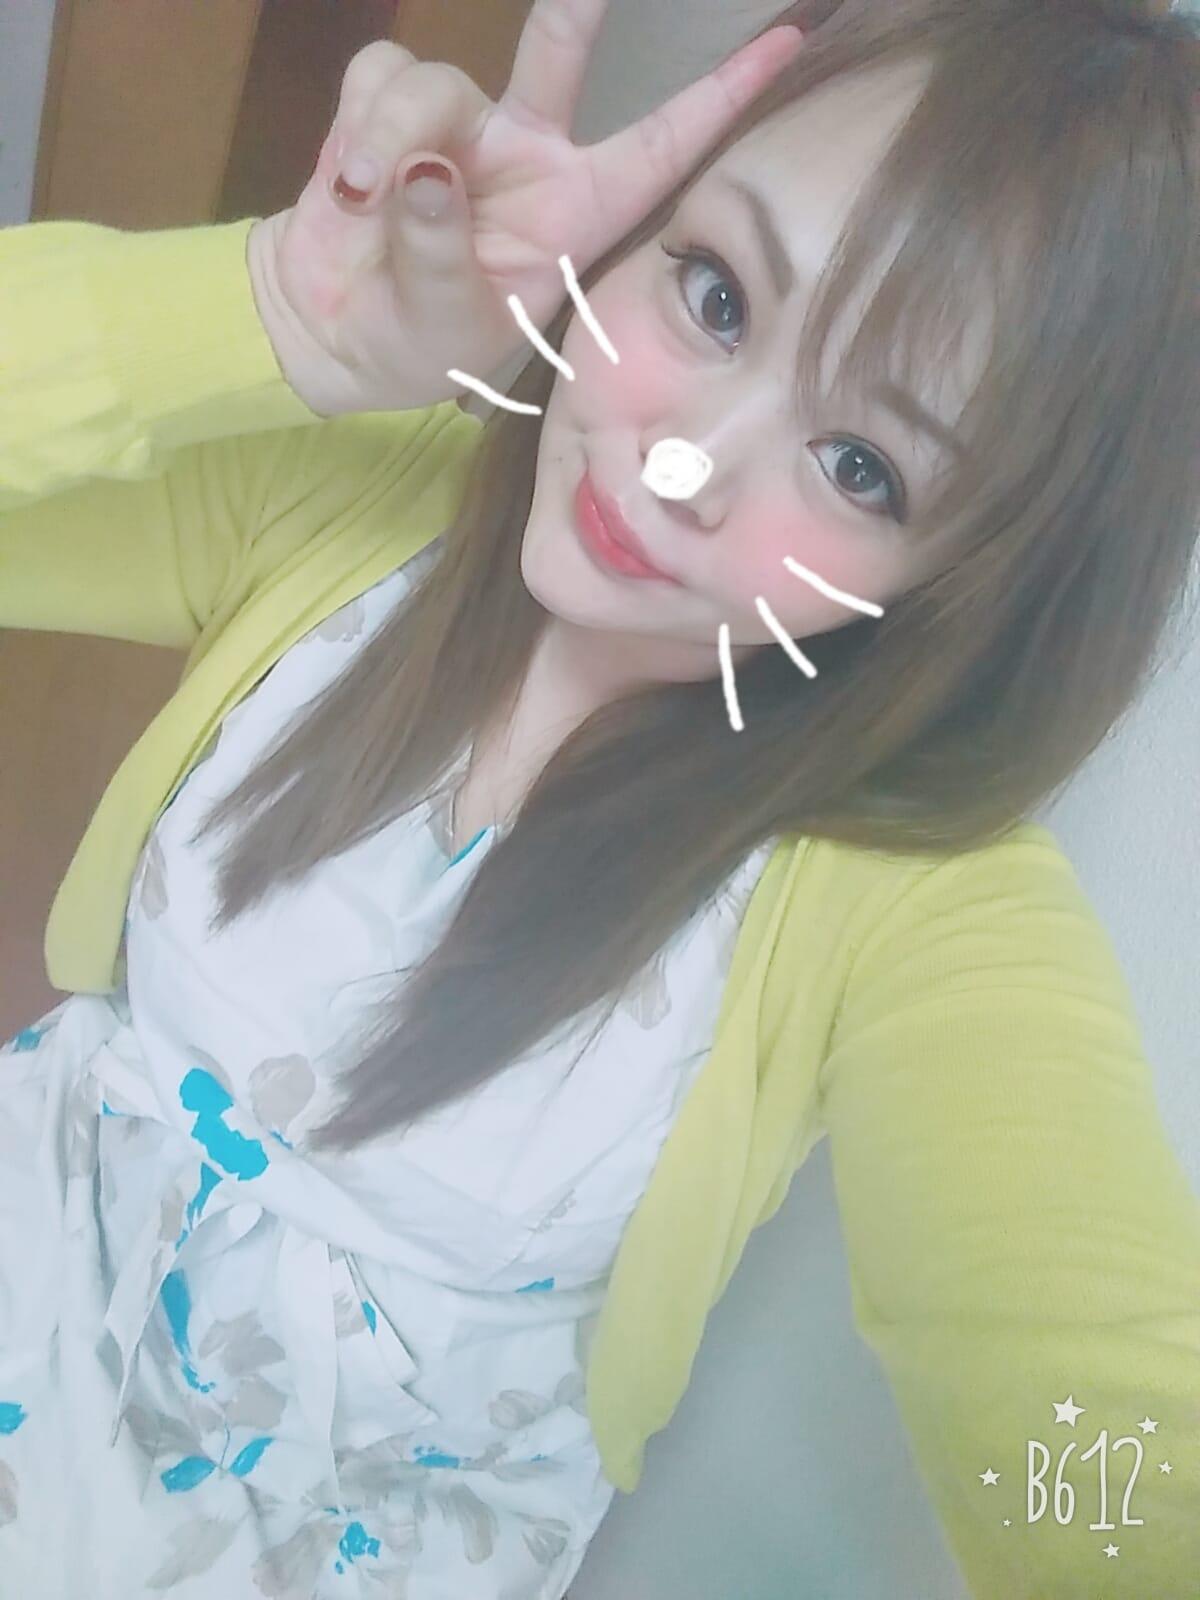 「ビジホのお兄さん★」09/24(日) 02:24   いおの写メ・風俗動画